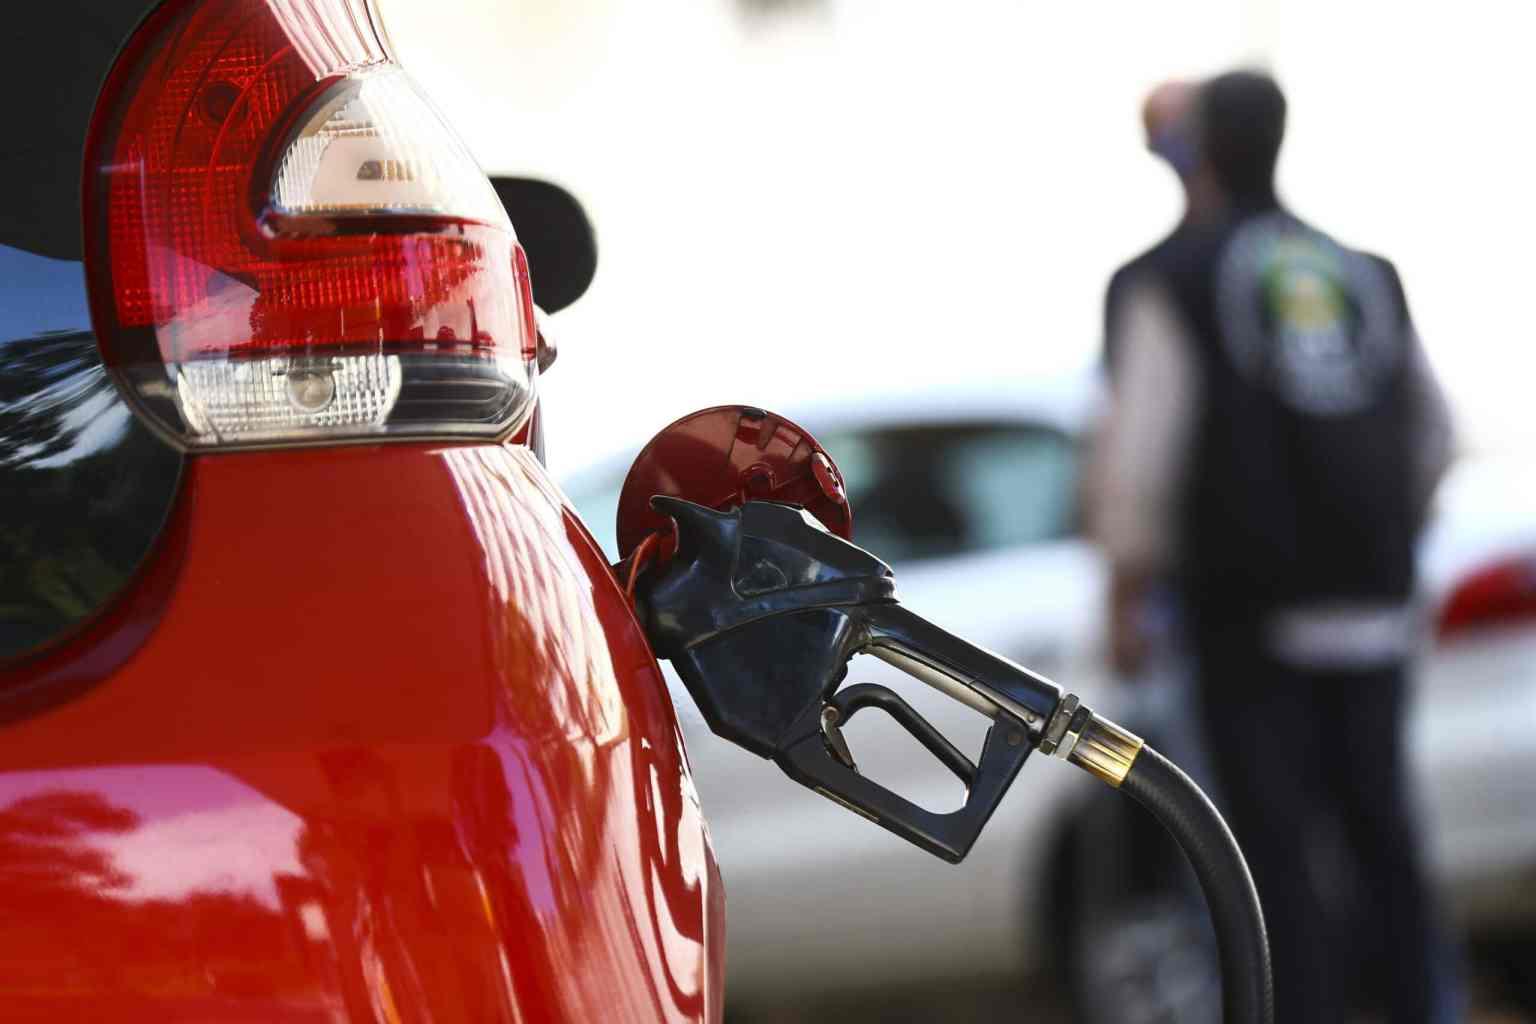 Carros a diesel e postos sem frentista